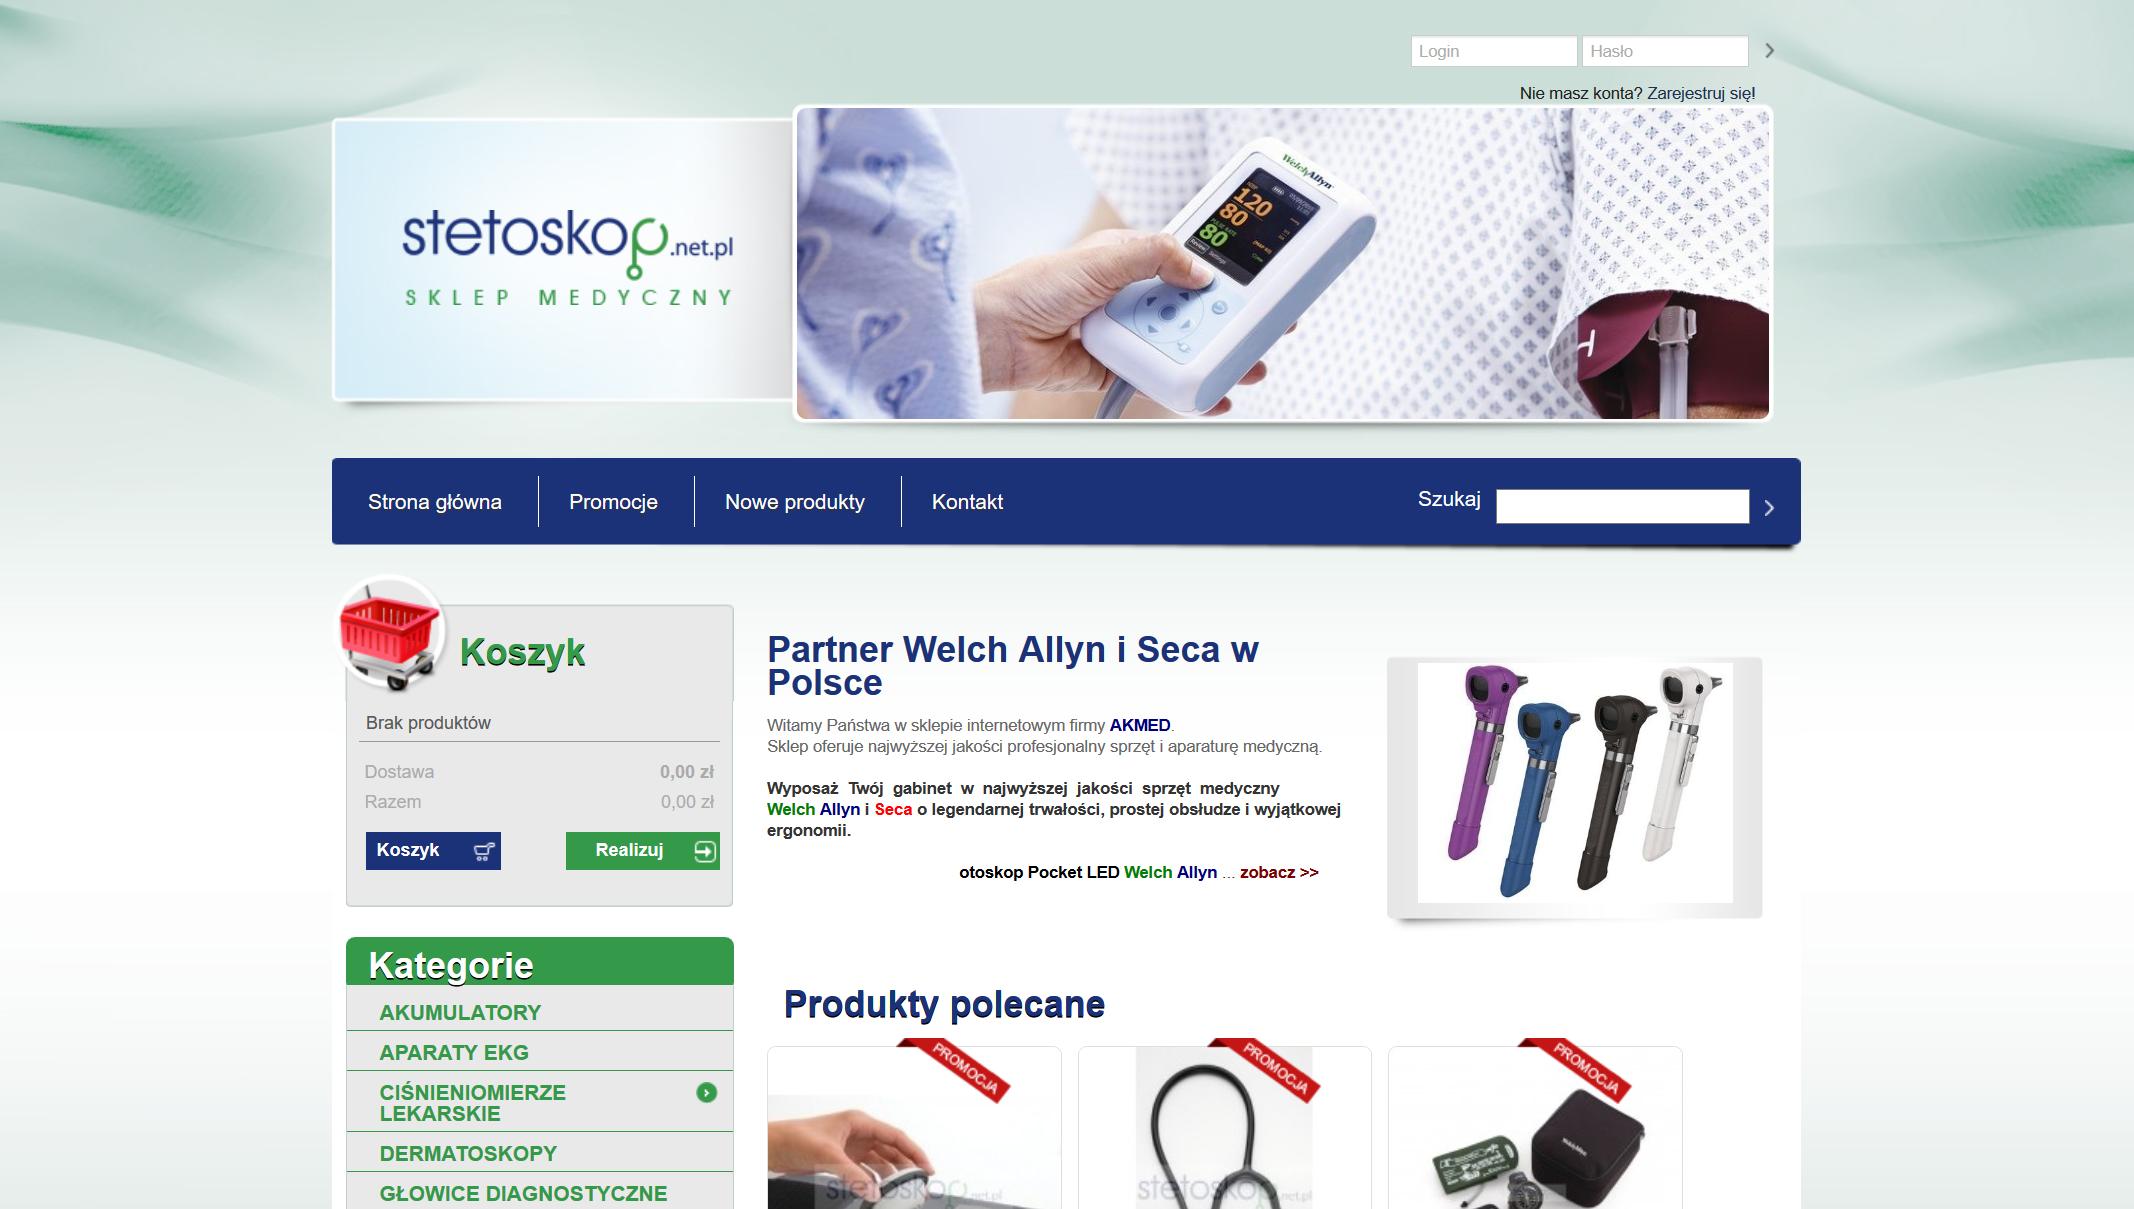 Sprzęt Medyczny, Sklep dla Lekarza - Stetoskop net pl